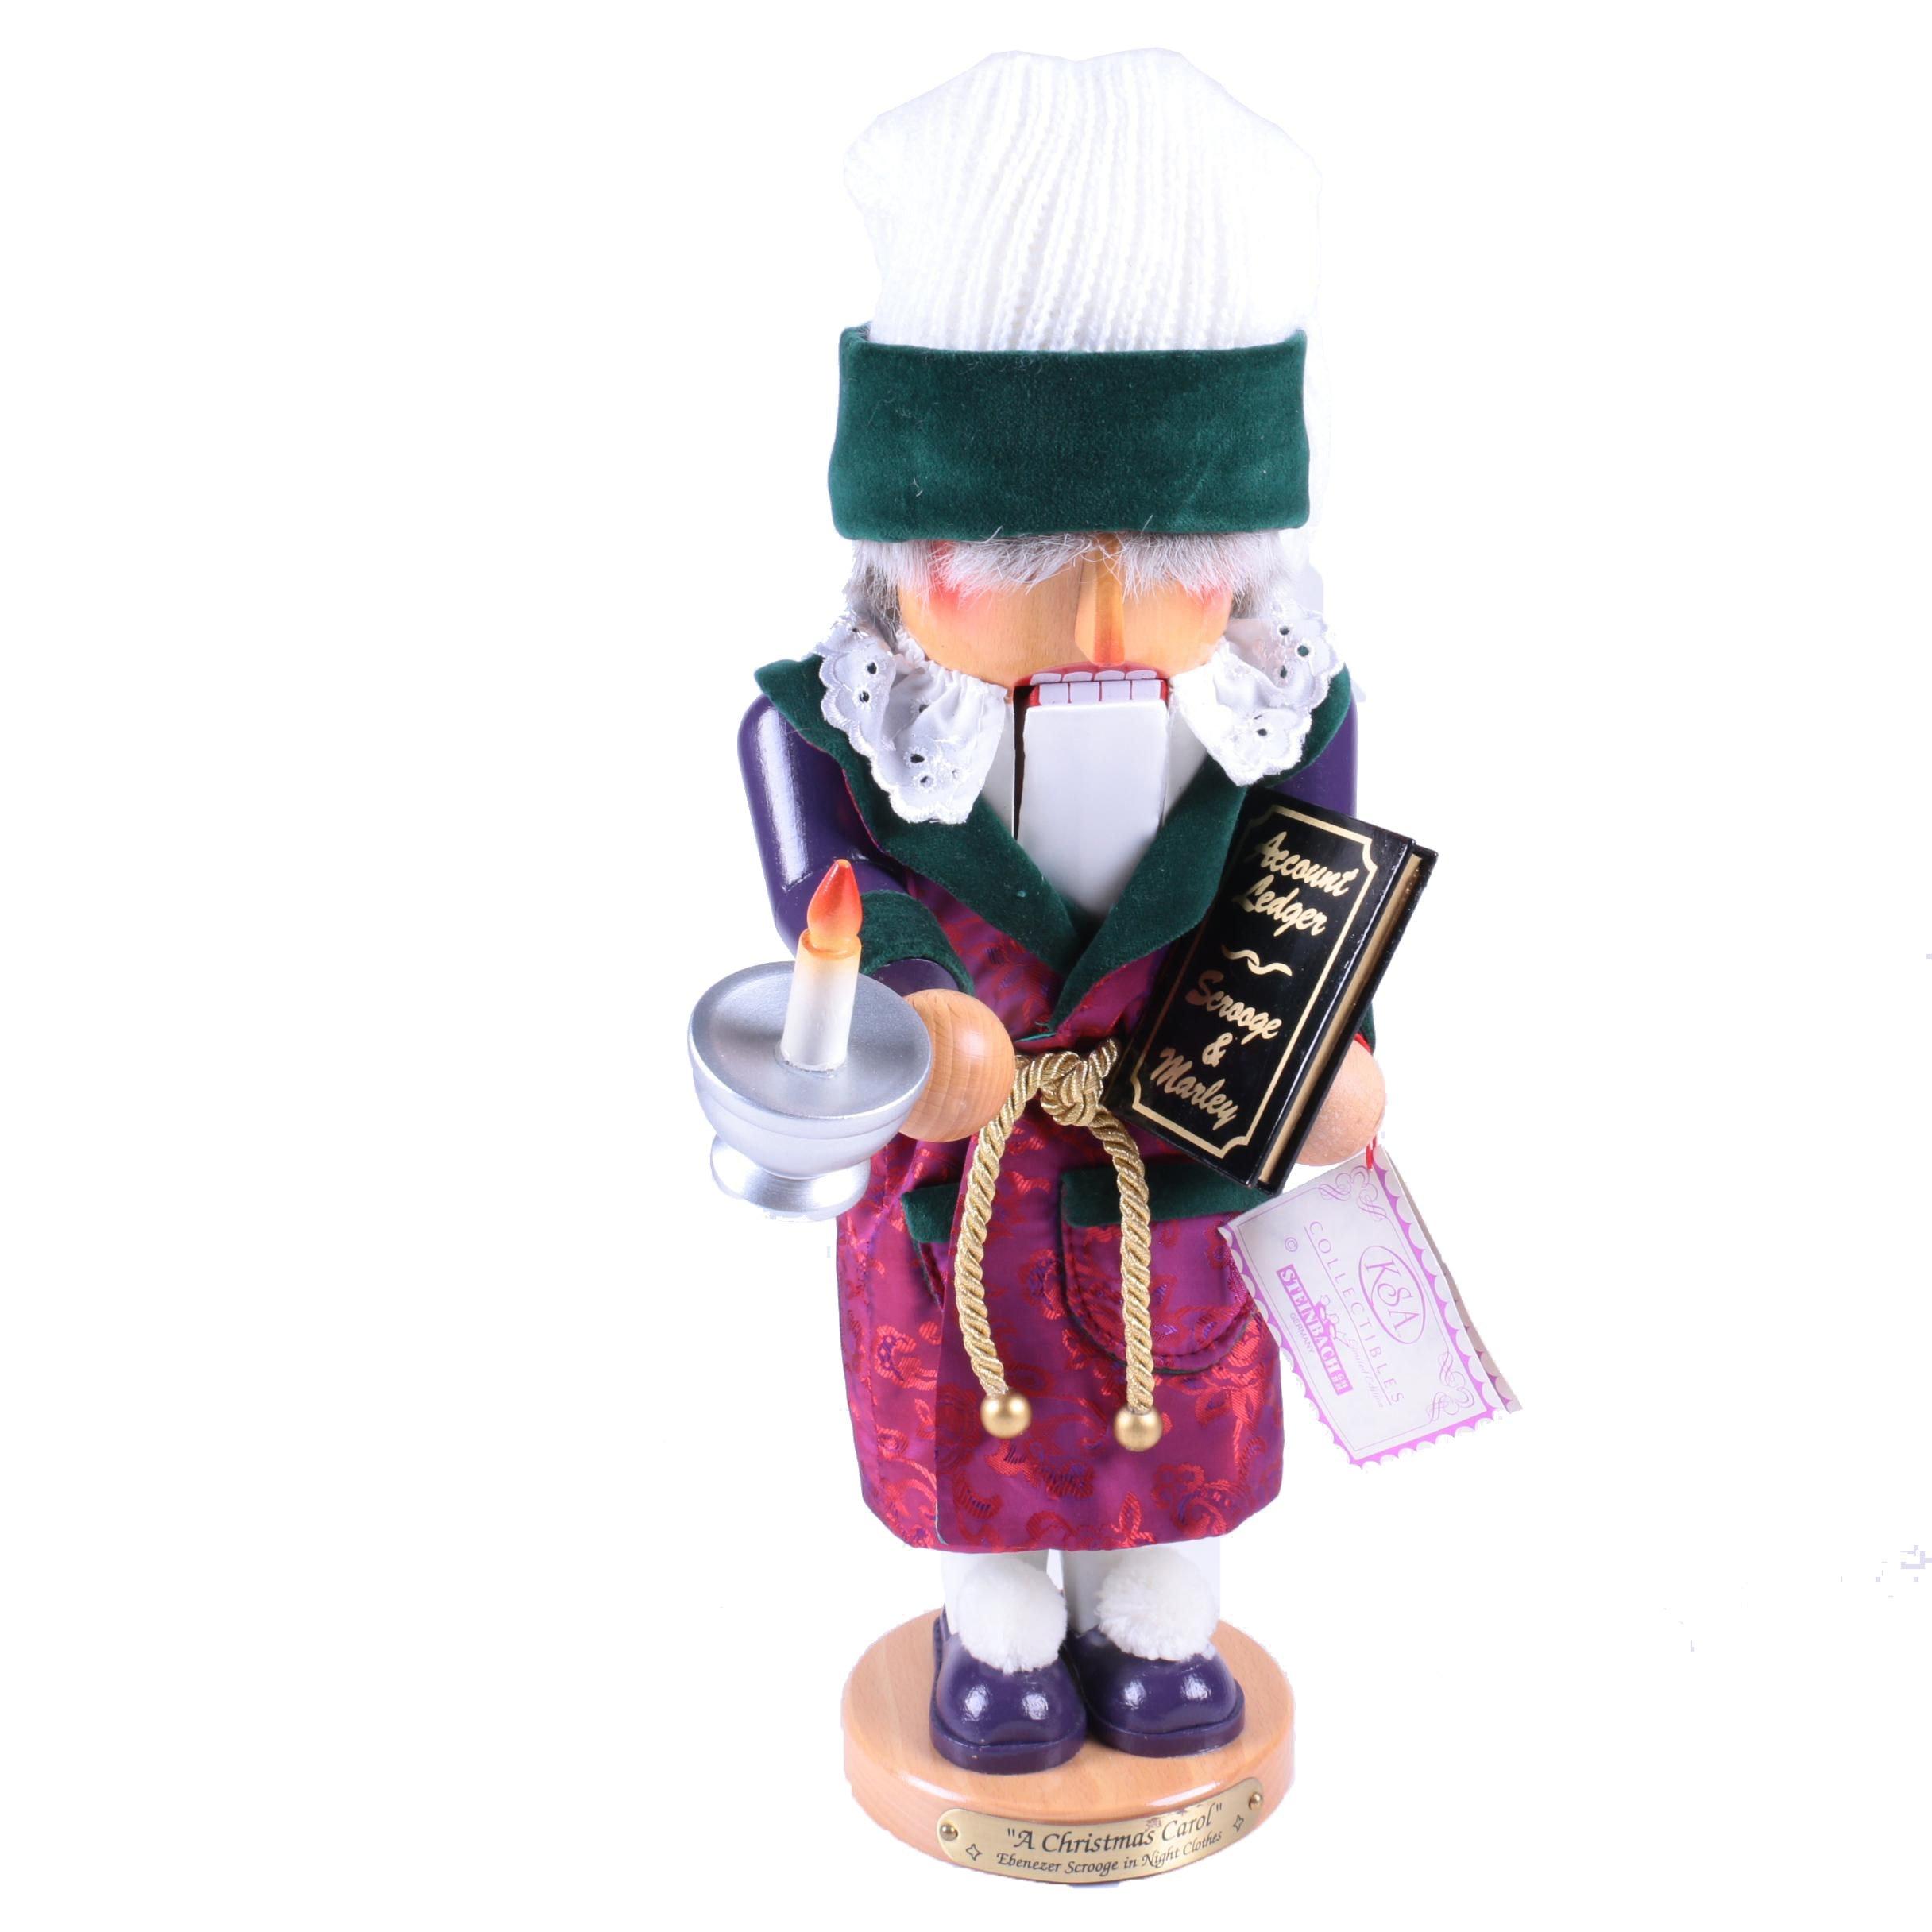 Steinbach Handcrafted Scrooge Wooden Nutcracker